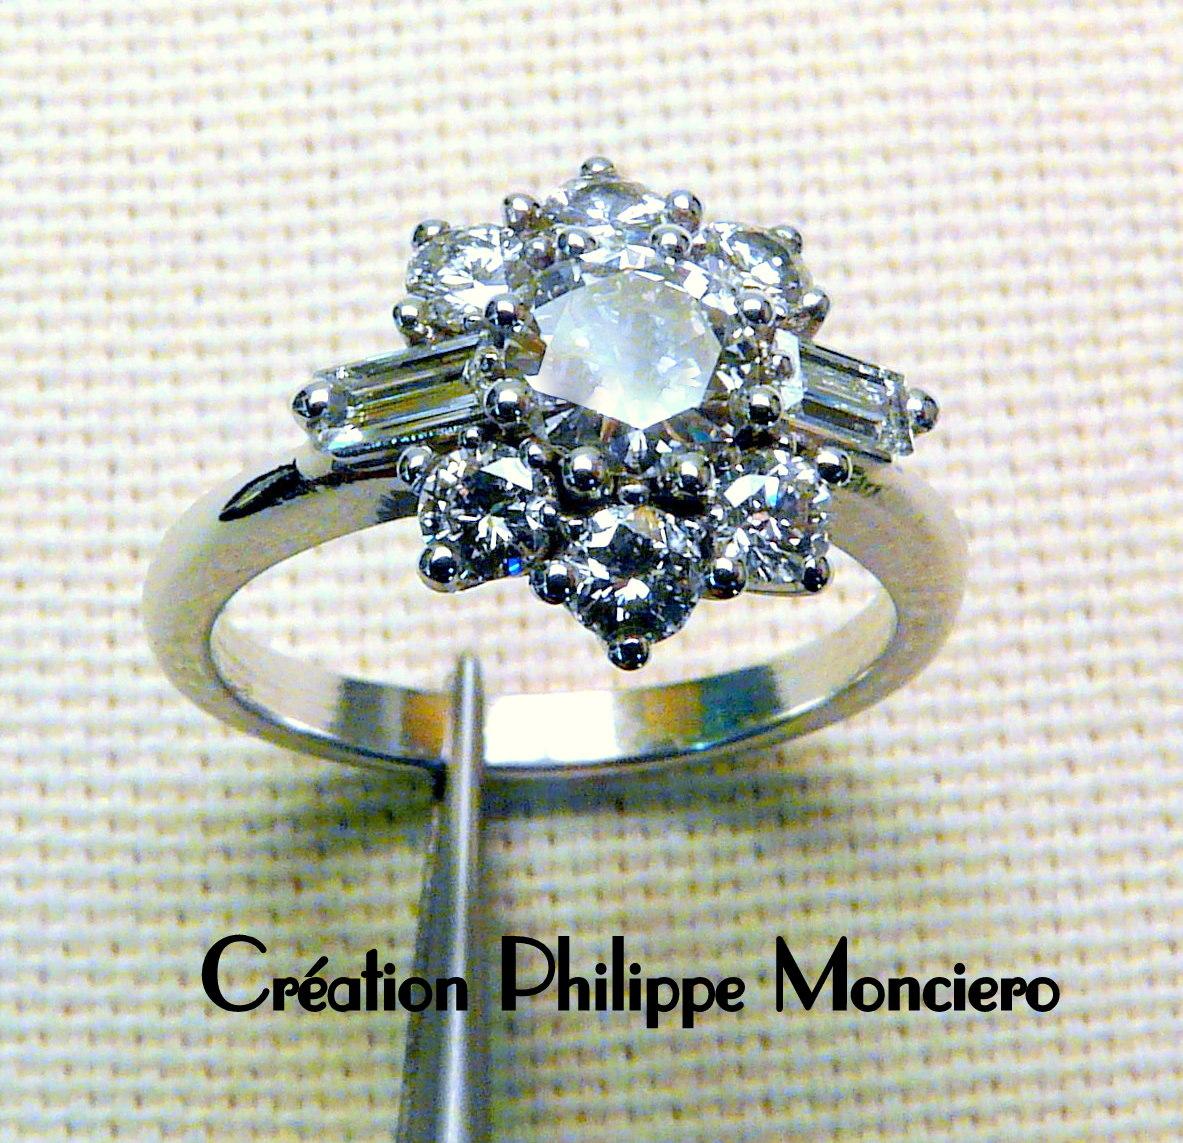 Bague diamants sur griffes. Monciero - Nîmes